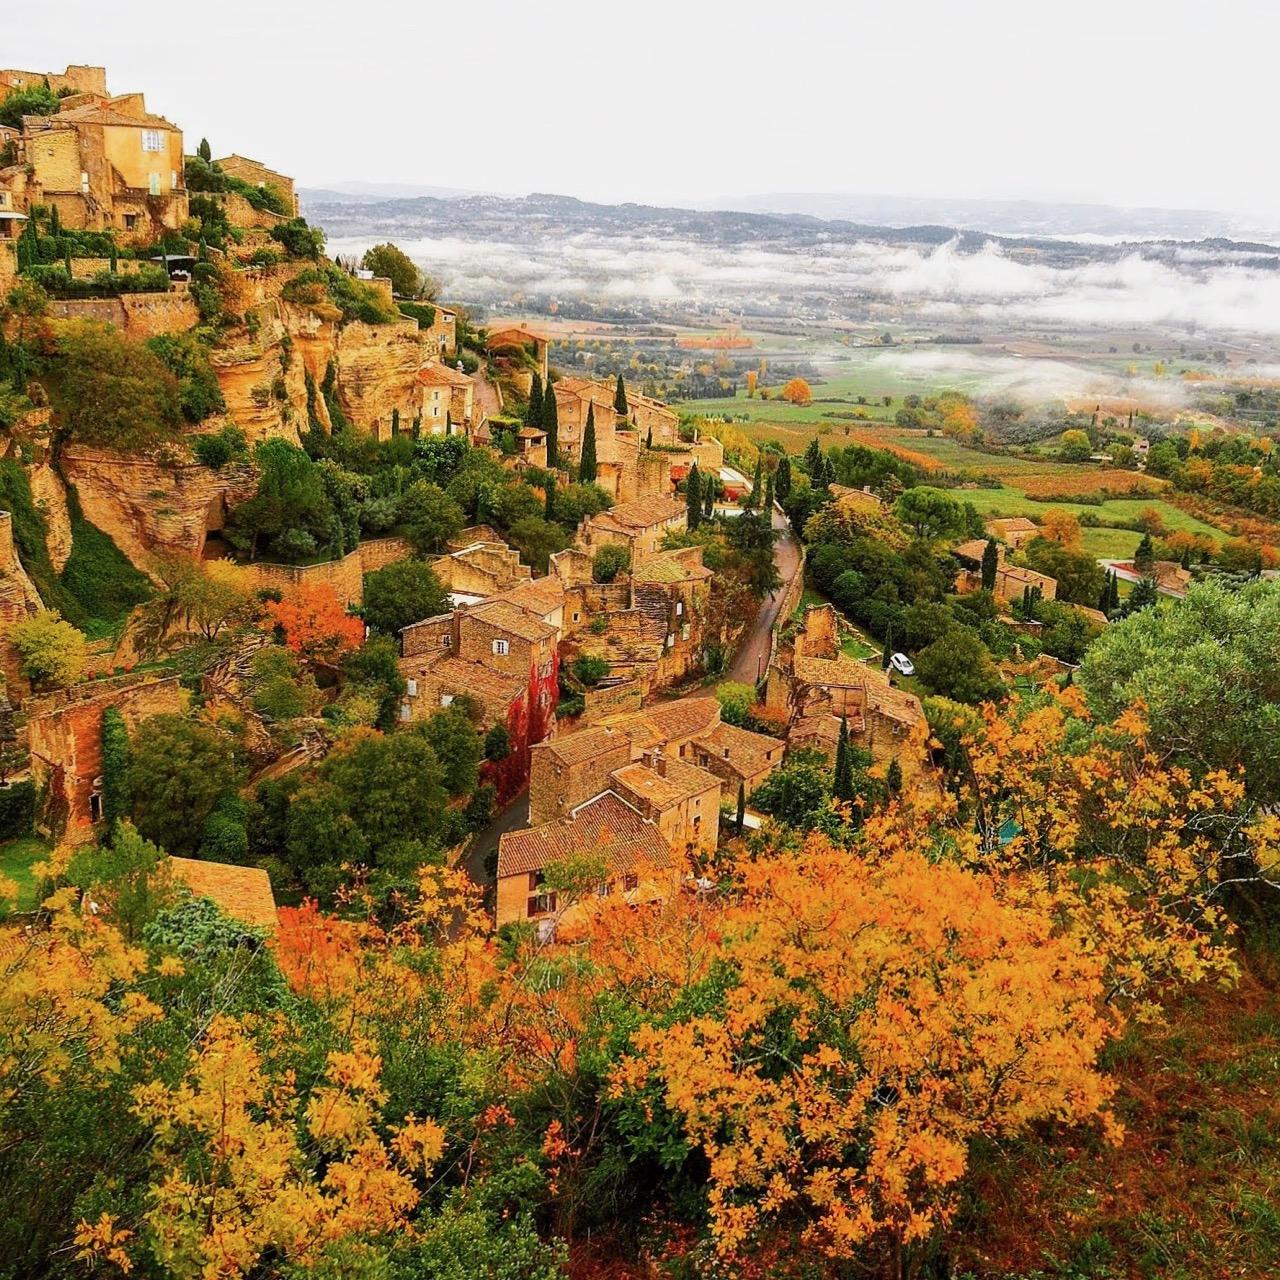 プロヴァンスの美しい村にみる 景観・町並みづくり